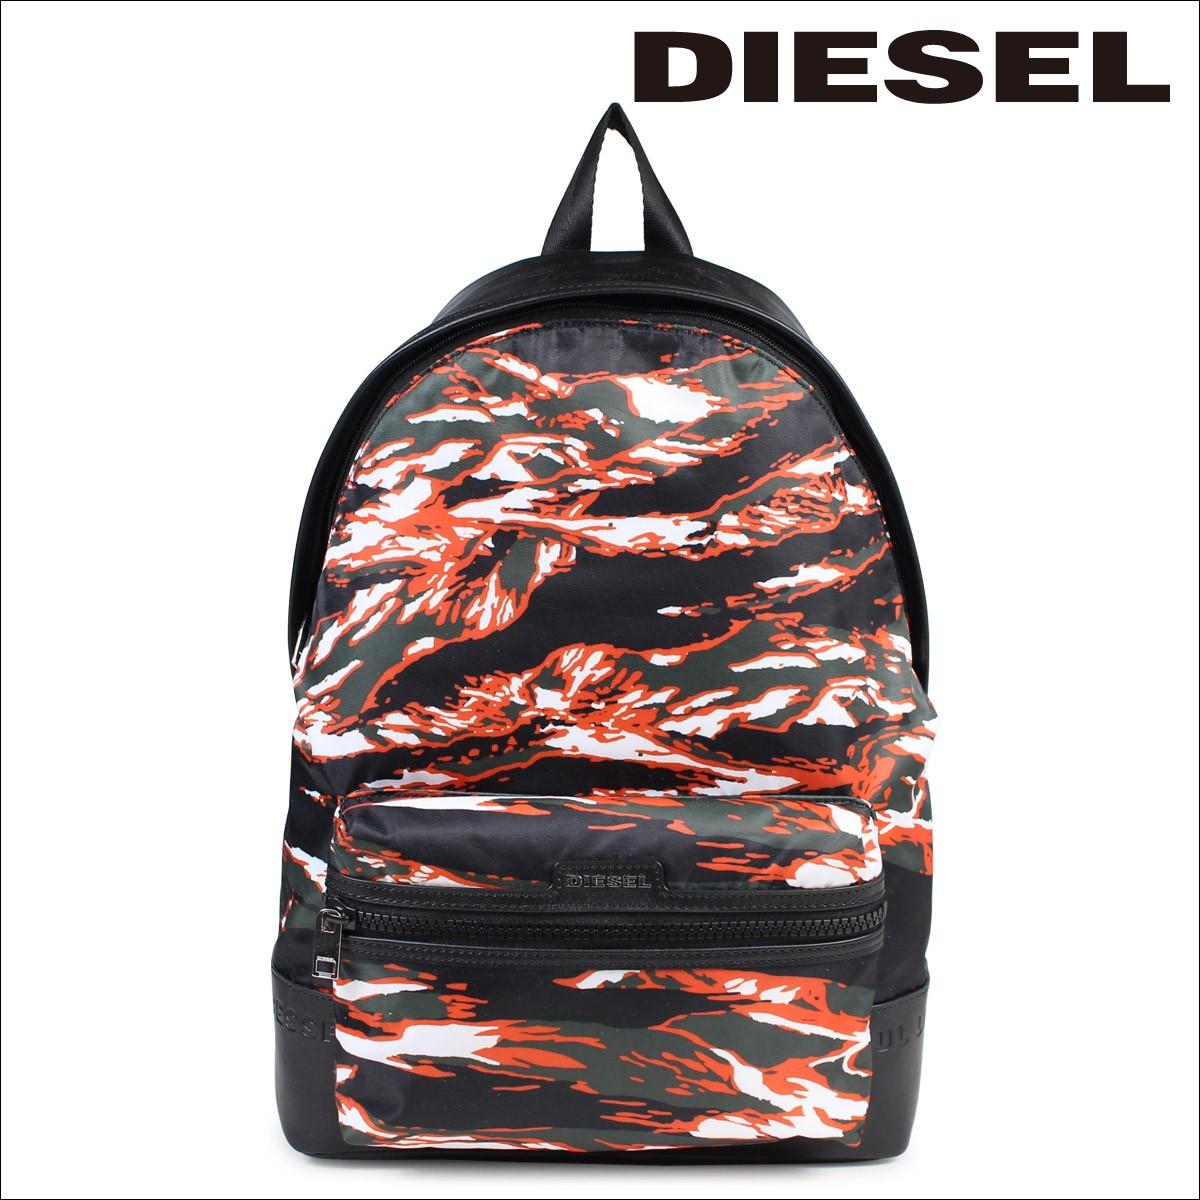 ディーゼル DIESEL リュック バッグ メンズ レディース バックパック M-JUNGLE BACK X03785 P0151 オレンジカモフラ